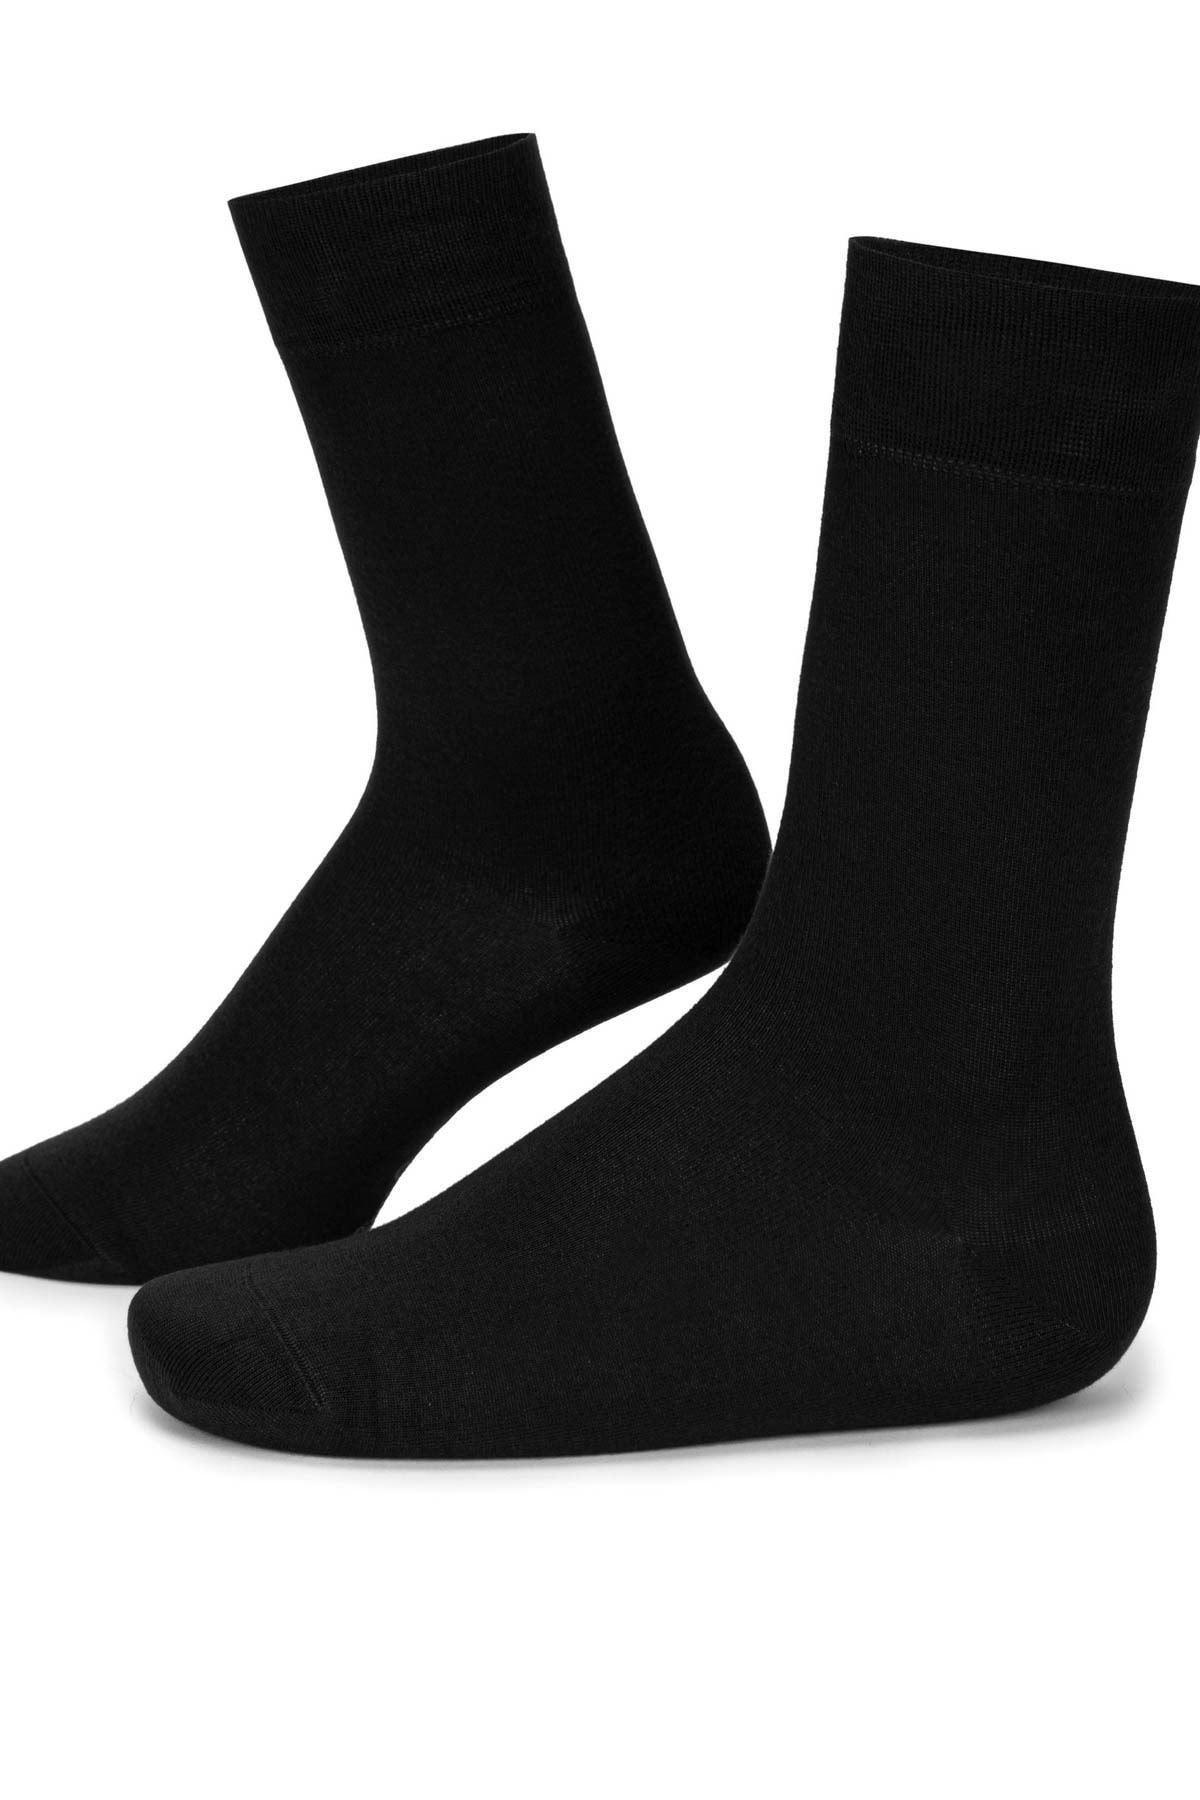 7 Adet Siyah Erkek Uzun Çorap (40-44)